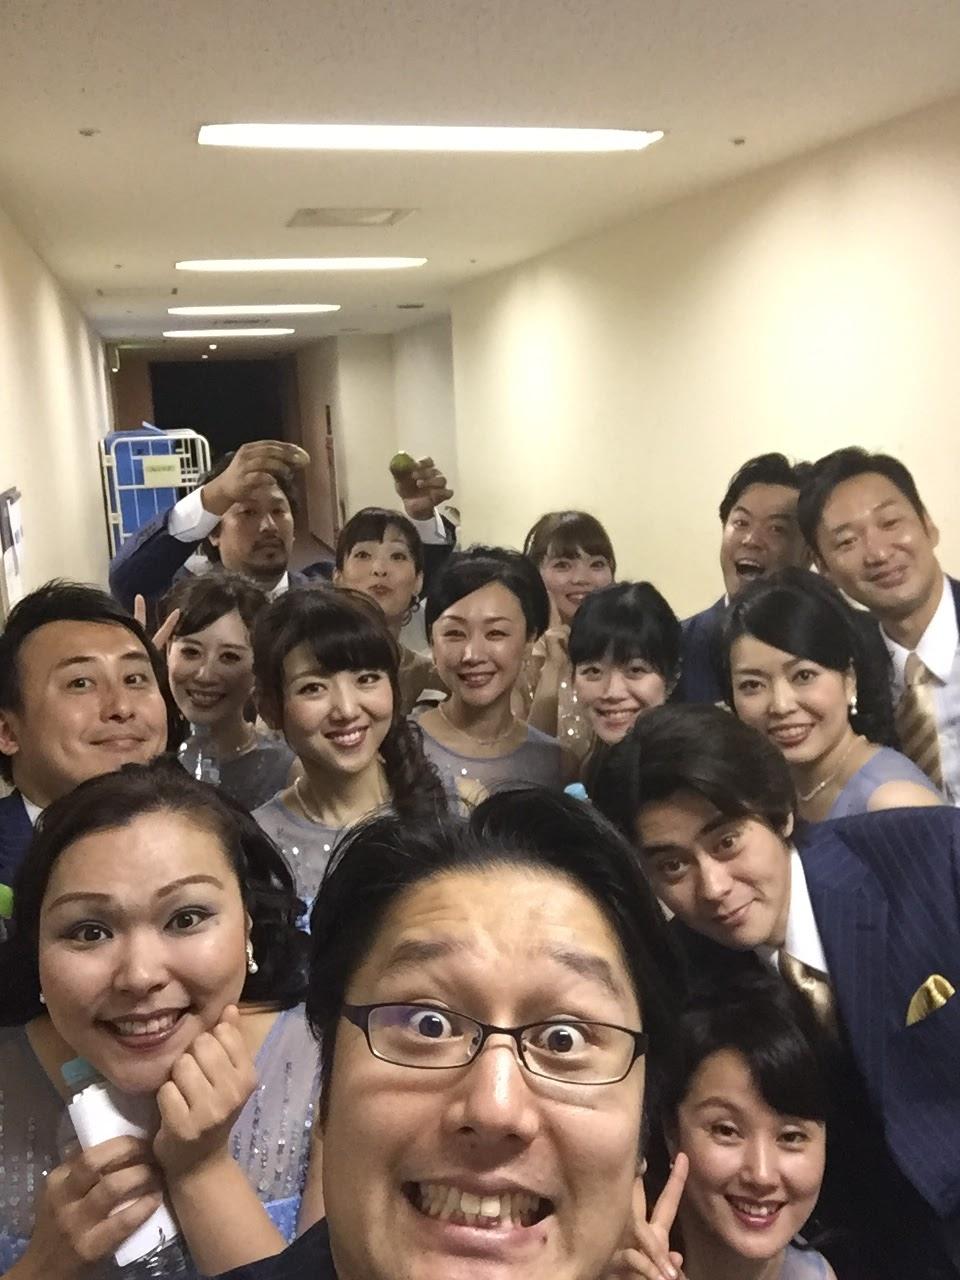 香川公演終了!谷原さん、盛り上げてくれてありがとう!